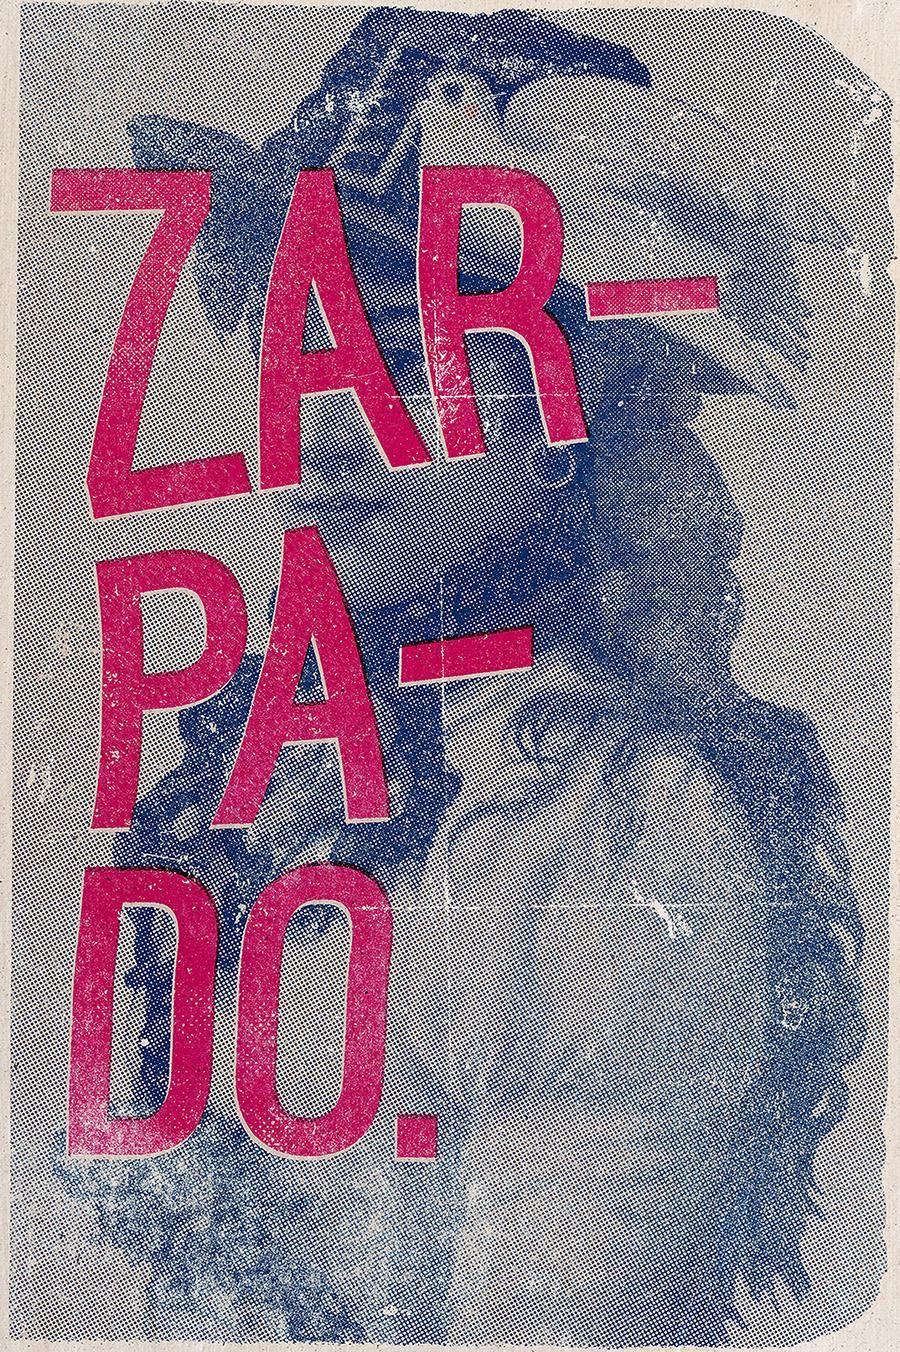 Zarpado - image 1 - student project